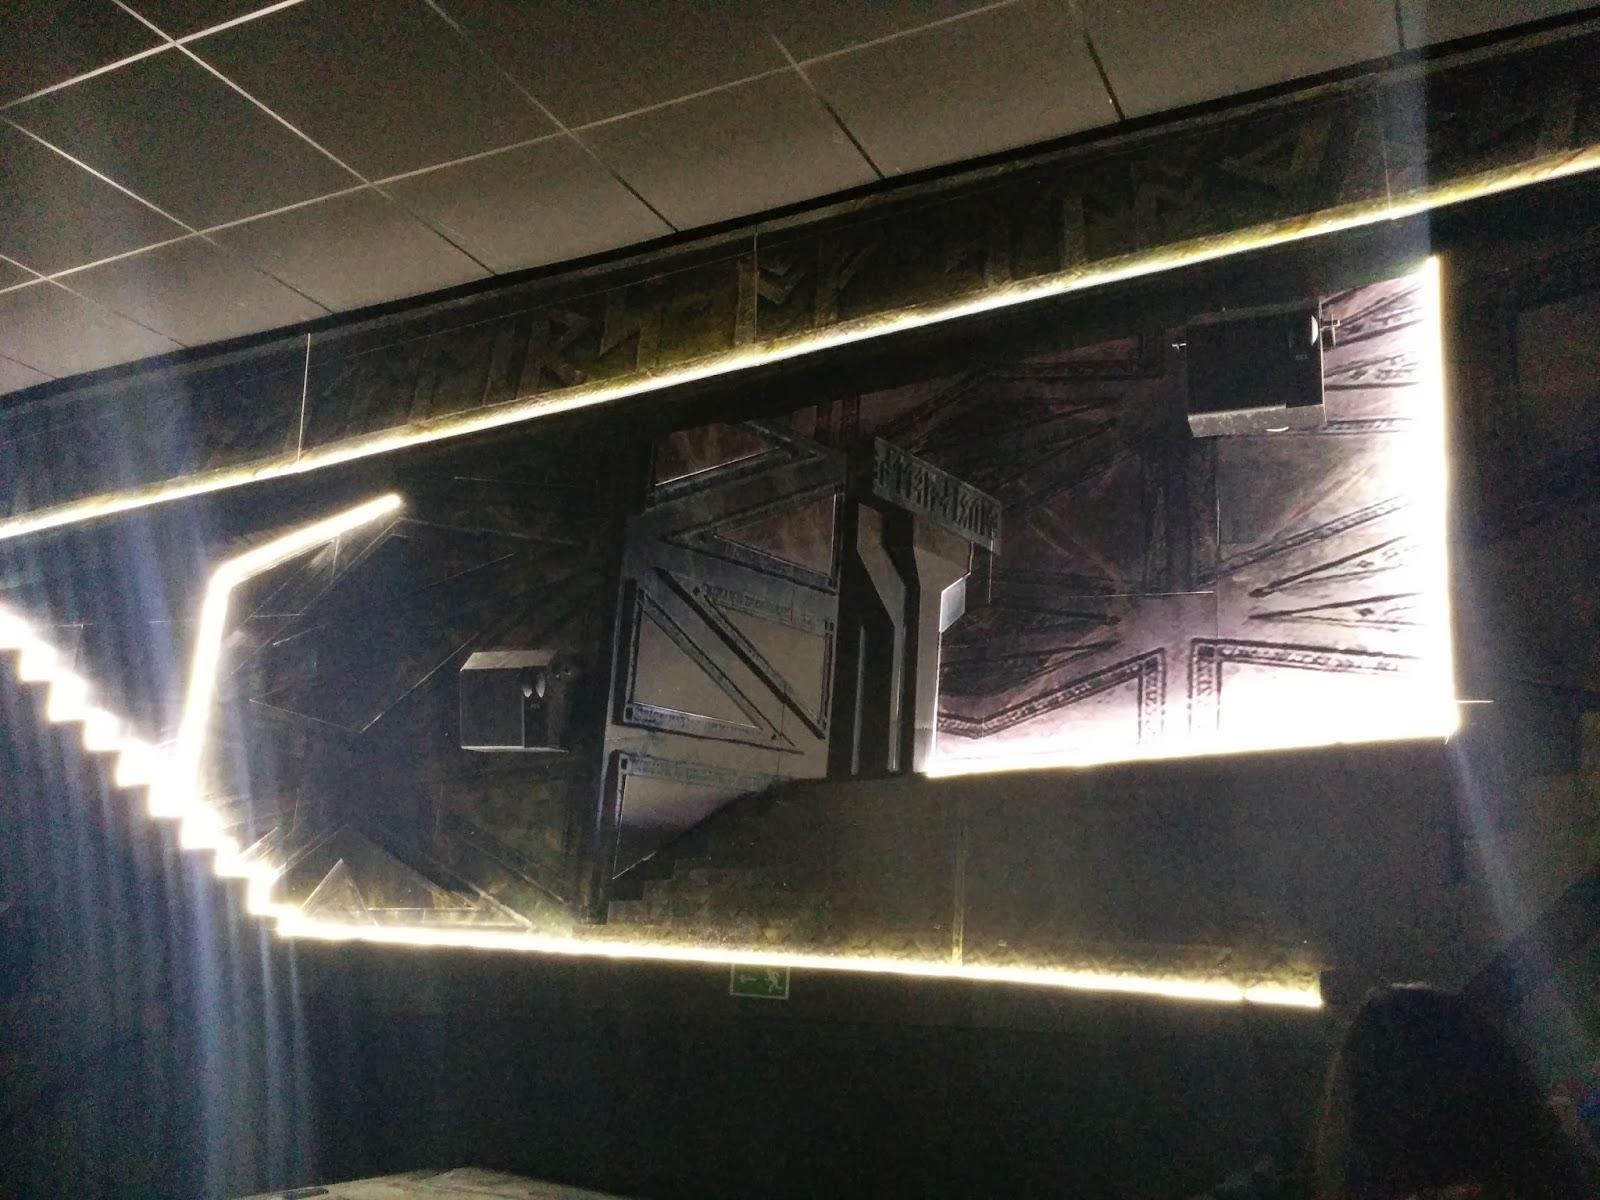 La sala del hobbit en kin polis madrid conmimochilacuestas for Sala 8 kinepolis